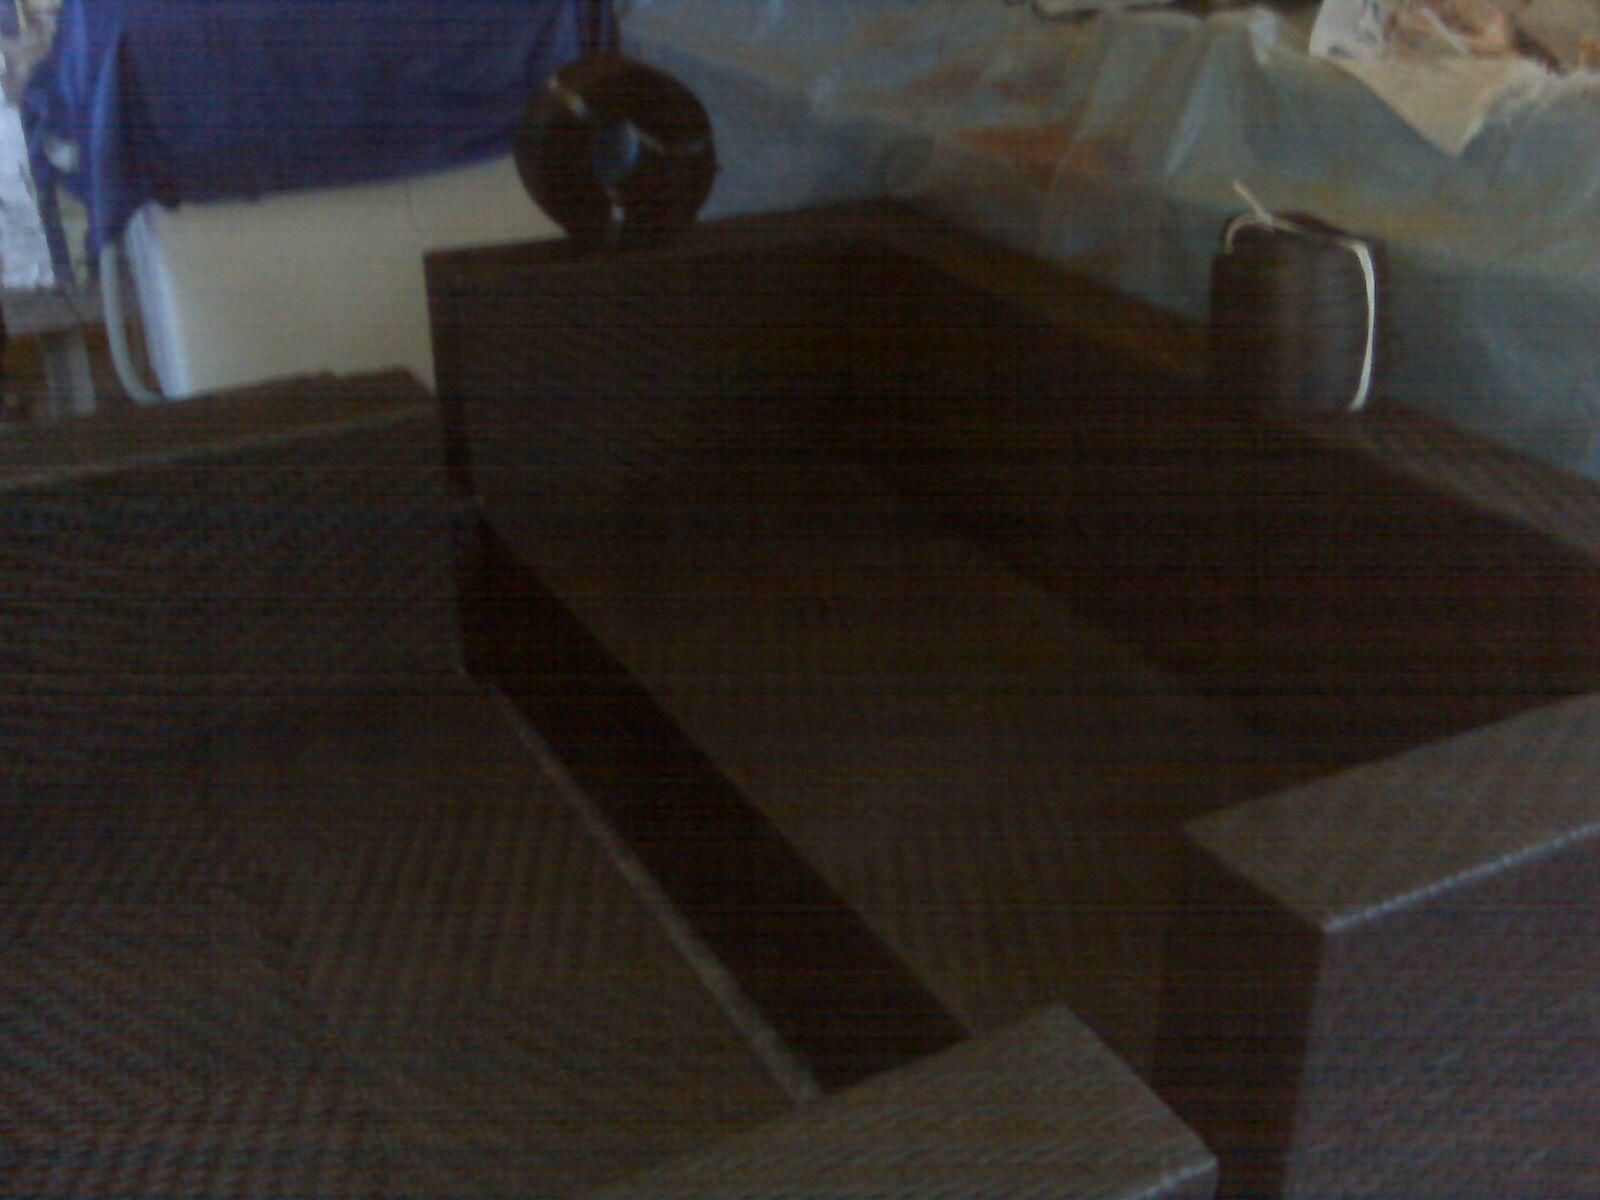 Rattan Sintetico Salas Y Muebles Exterior Bejuco Palma  # Muebles De Bejuco